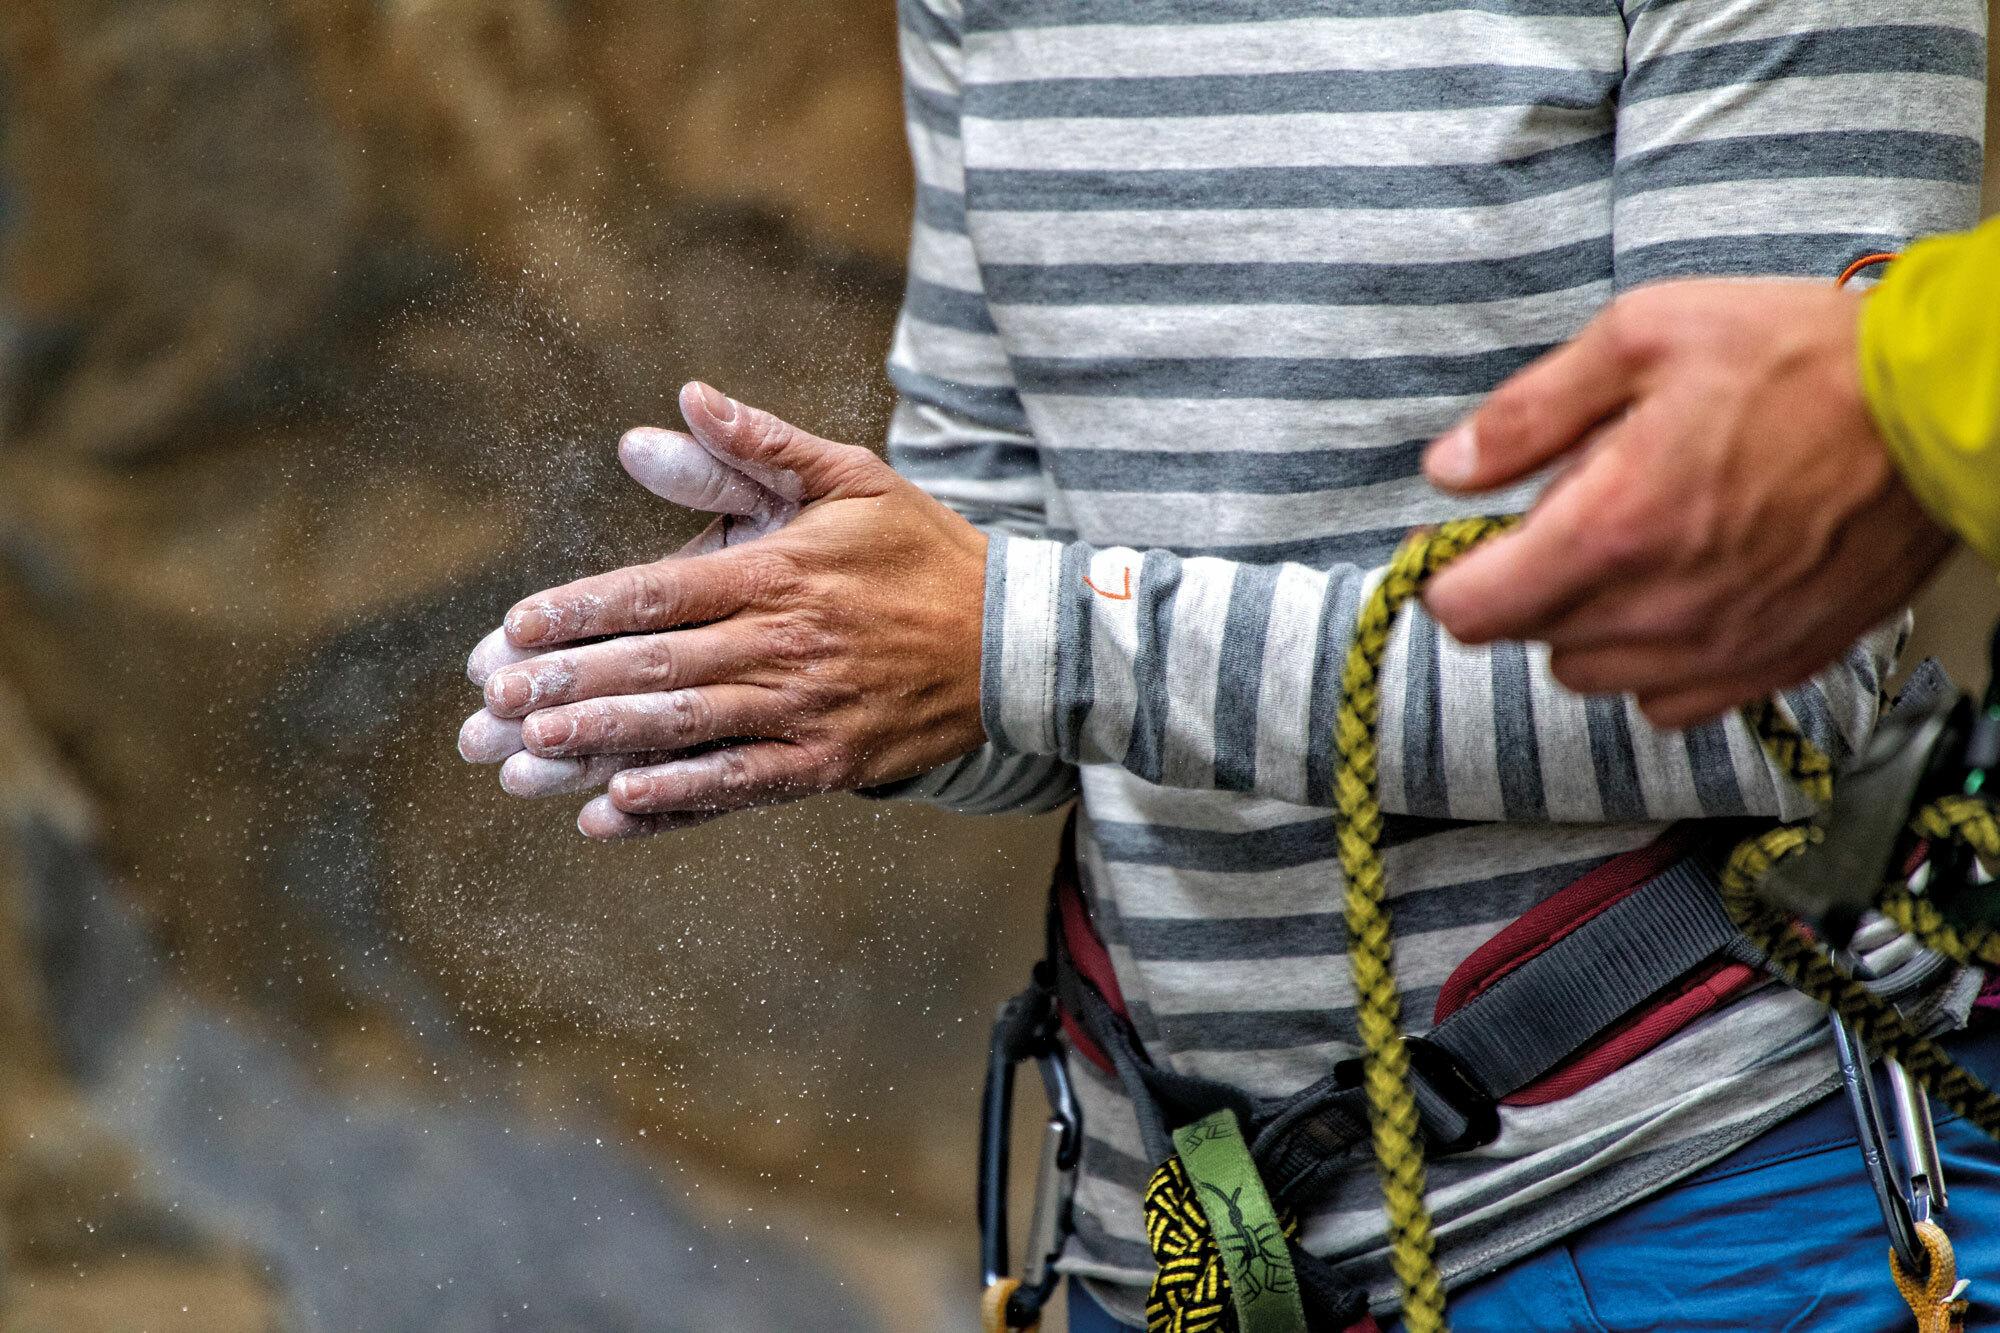 Outdoor Abenteuer im Kasten – Fotografieren: Mehr als Nur zufällige Schnappschüsse